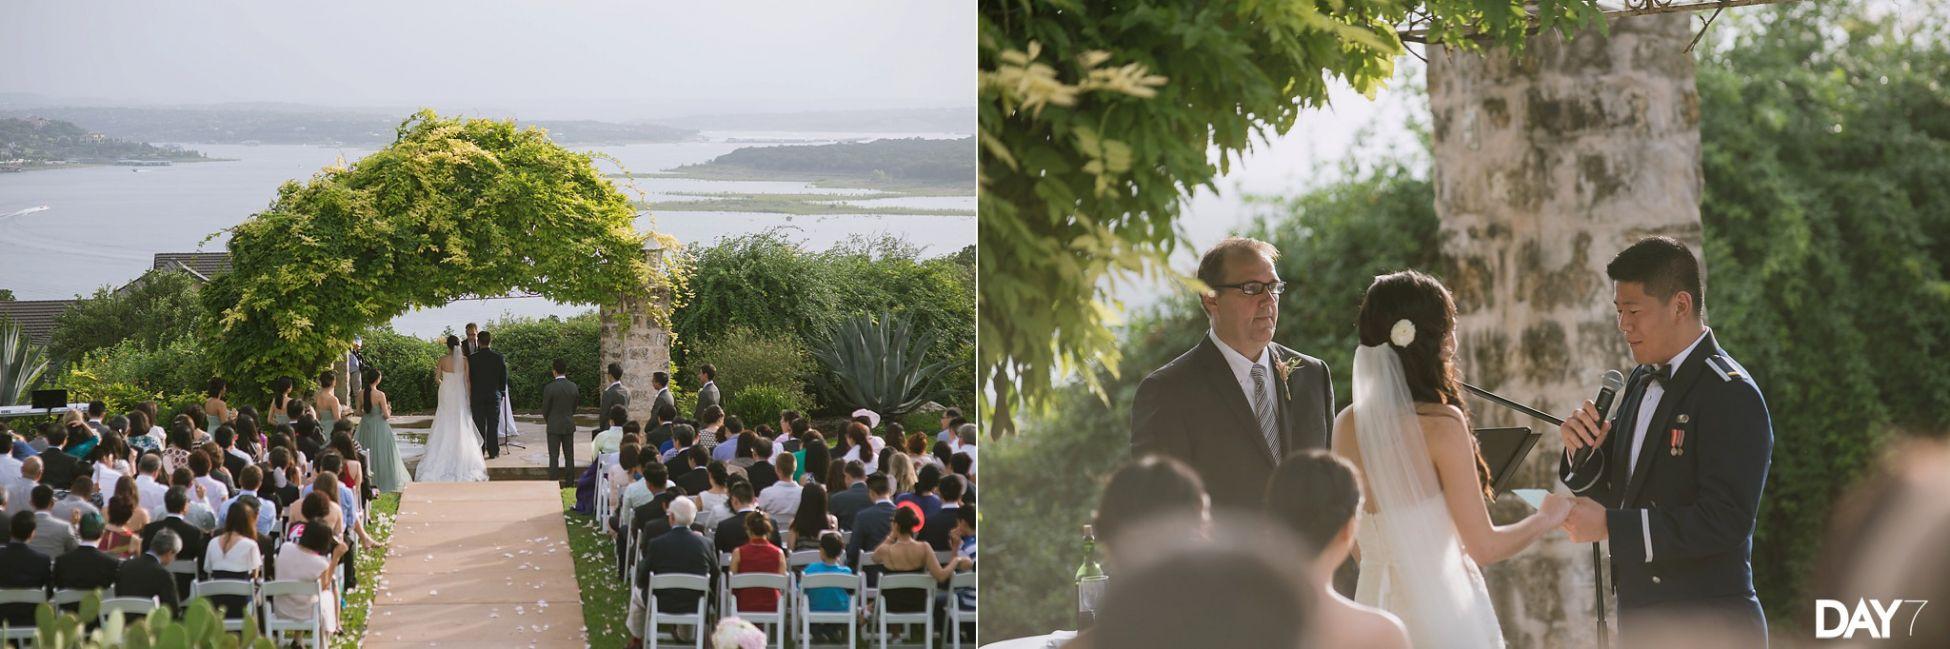 ceremony at vintage villas wedding